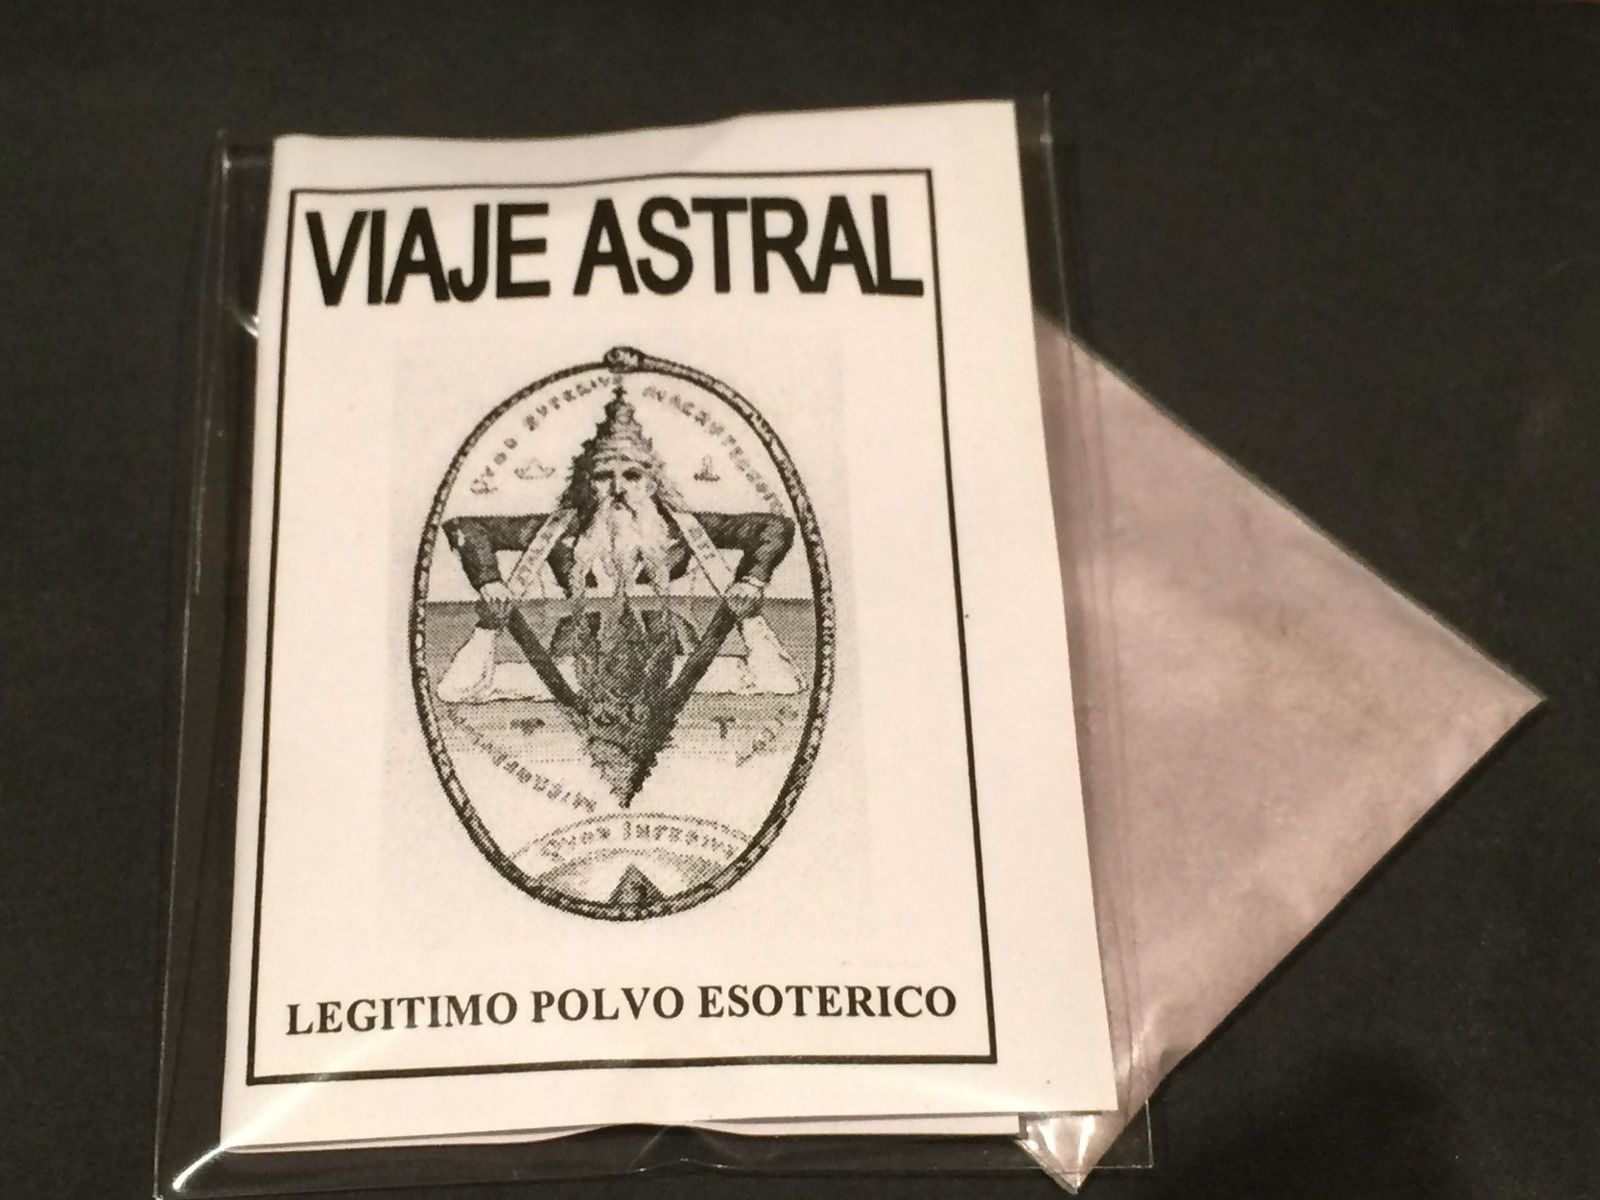 """LEGITIMO POLVO ESOTERICO ESPECIAL """" VIAJE ASTRAL """""""